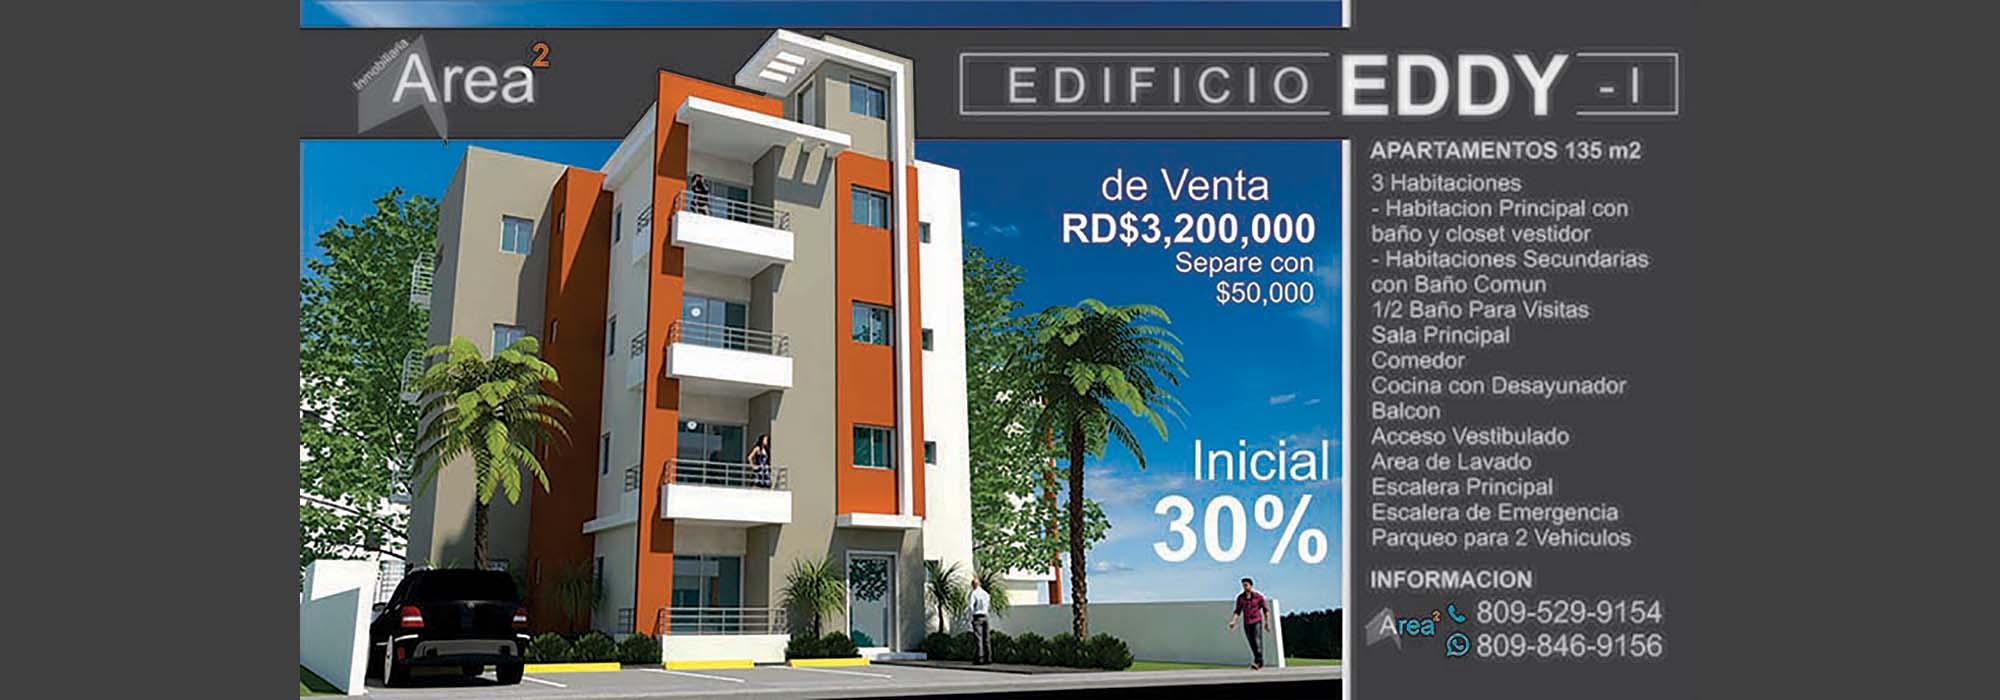 Edificio Eddy-1